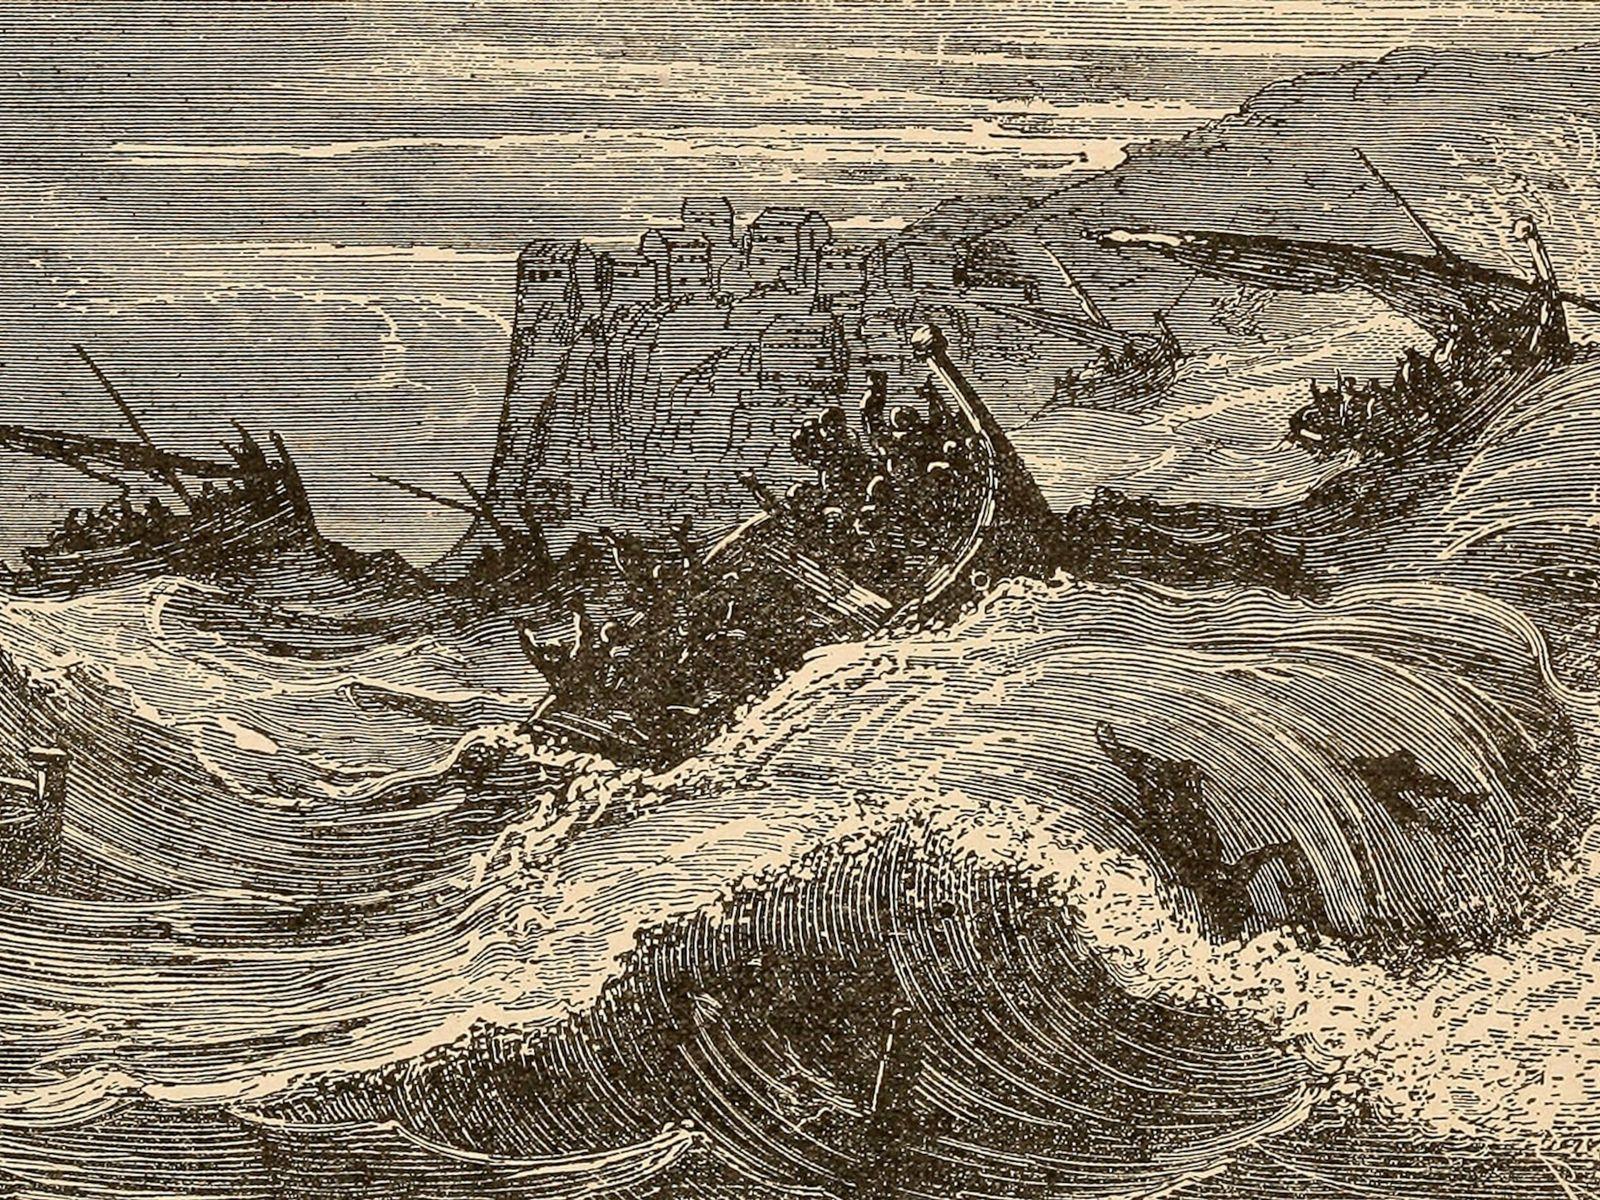 Un terremoto provocó un tsunami en Indonesia en 1861